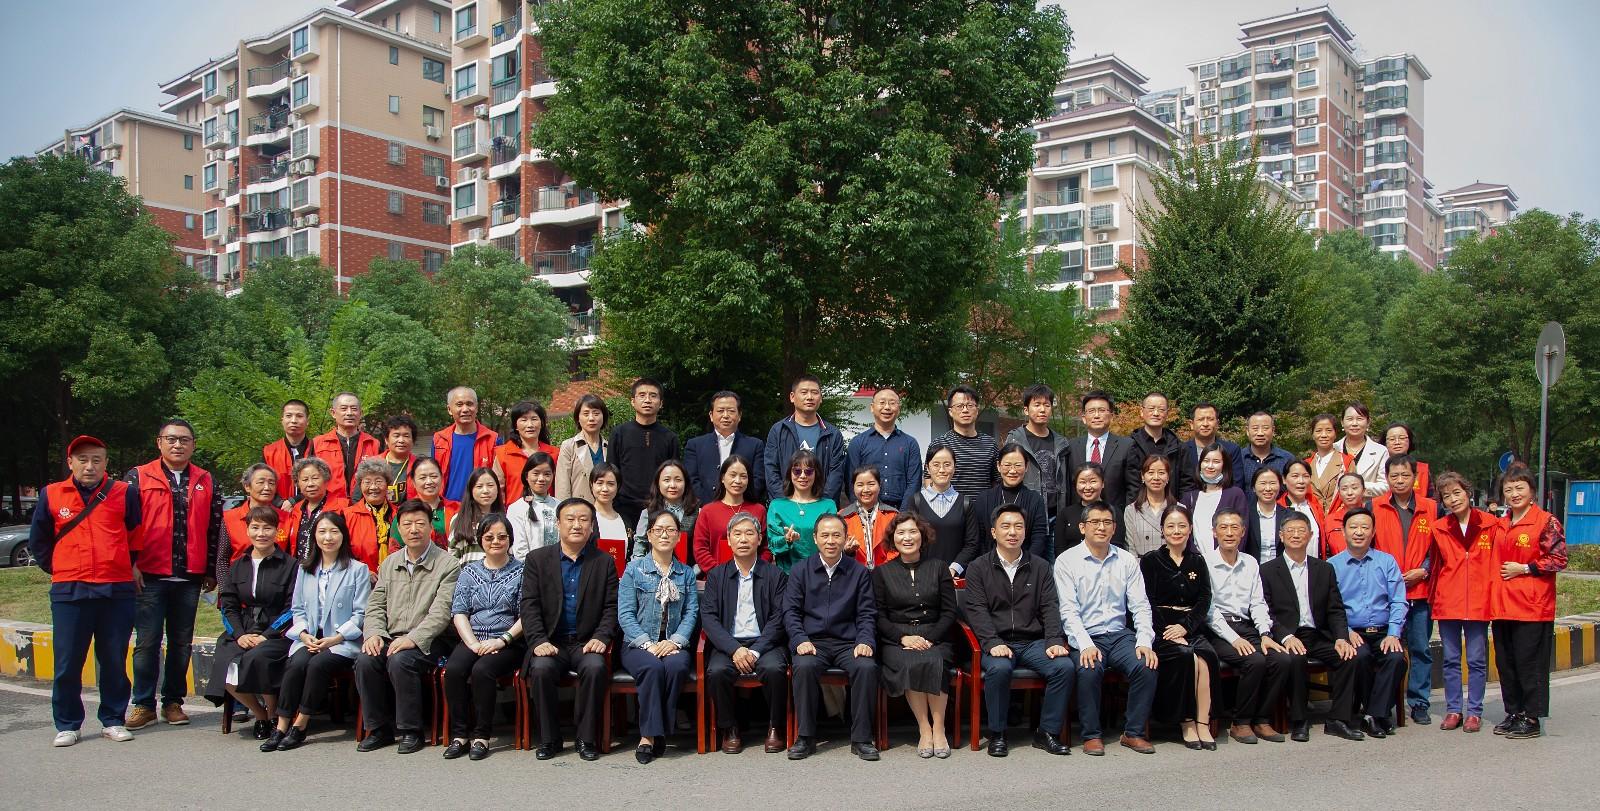 湖北省社会心理学会心理援助志愿服务突击队授旗仪式举行!